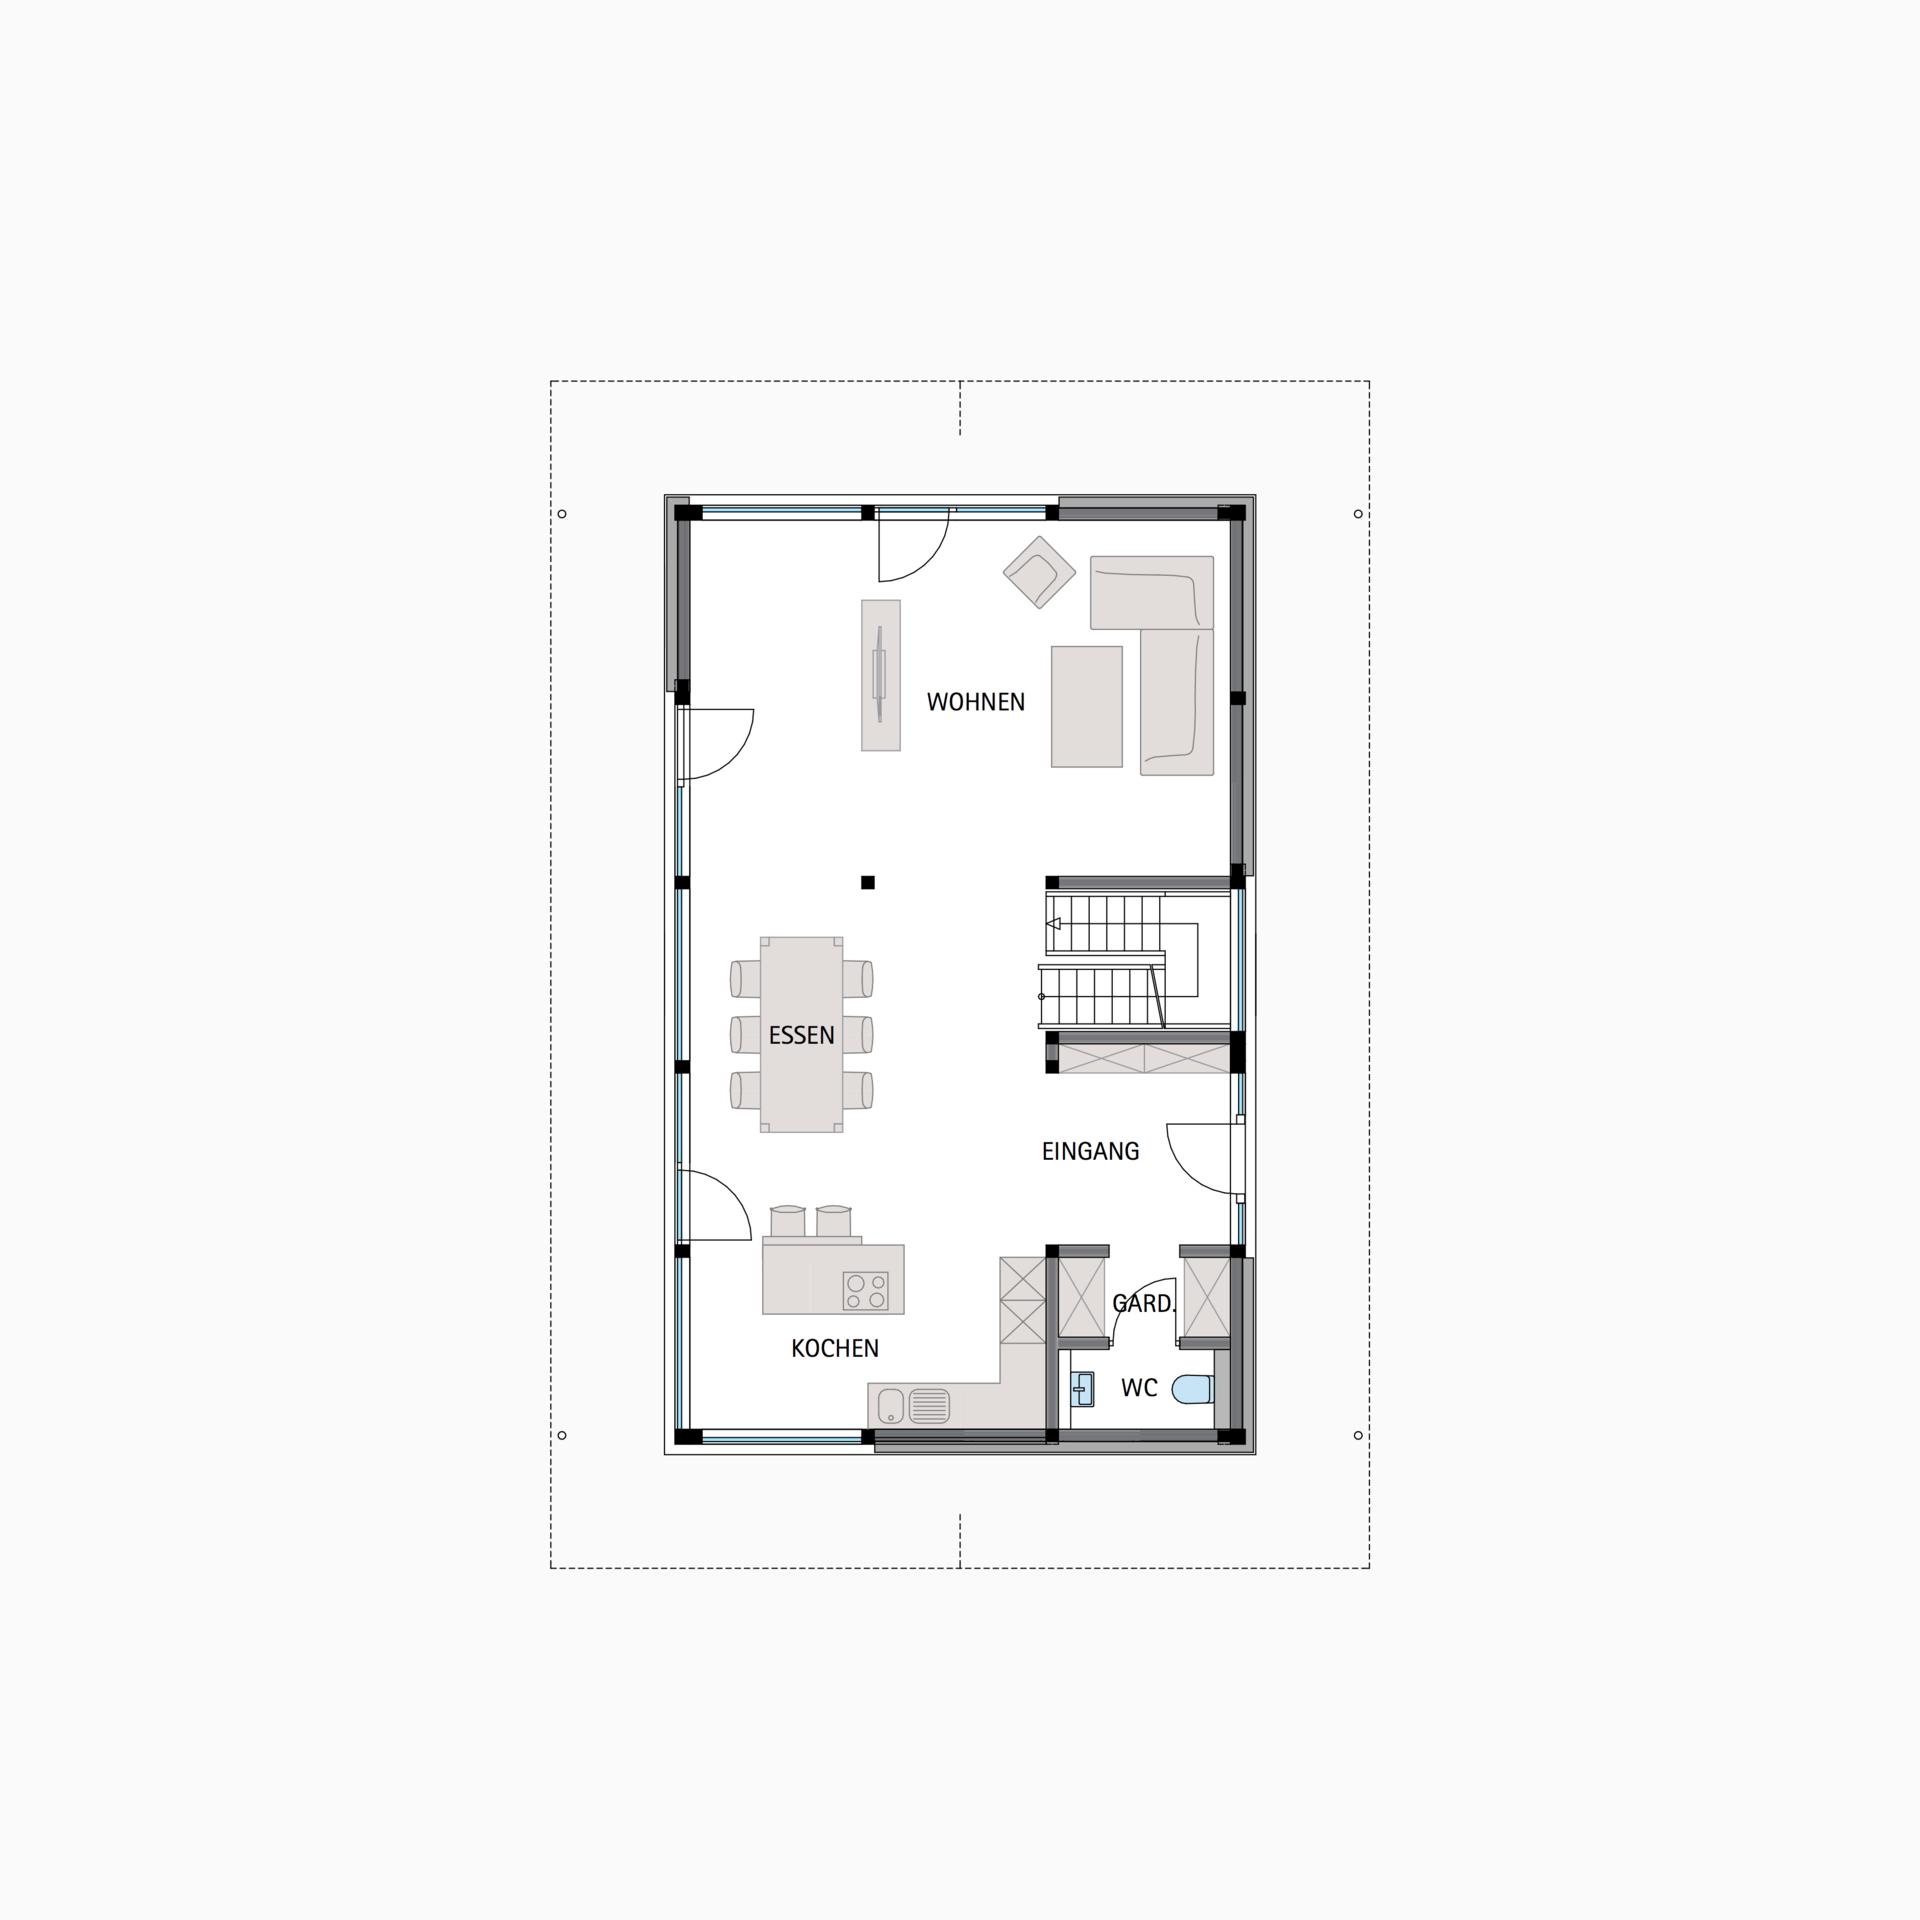 HUF Fachwerkhaus Grundriss Erdgeschoss MODUM 610